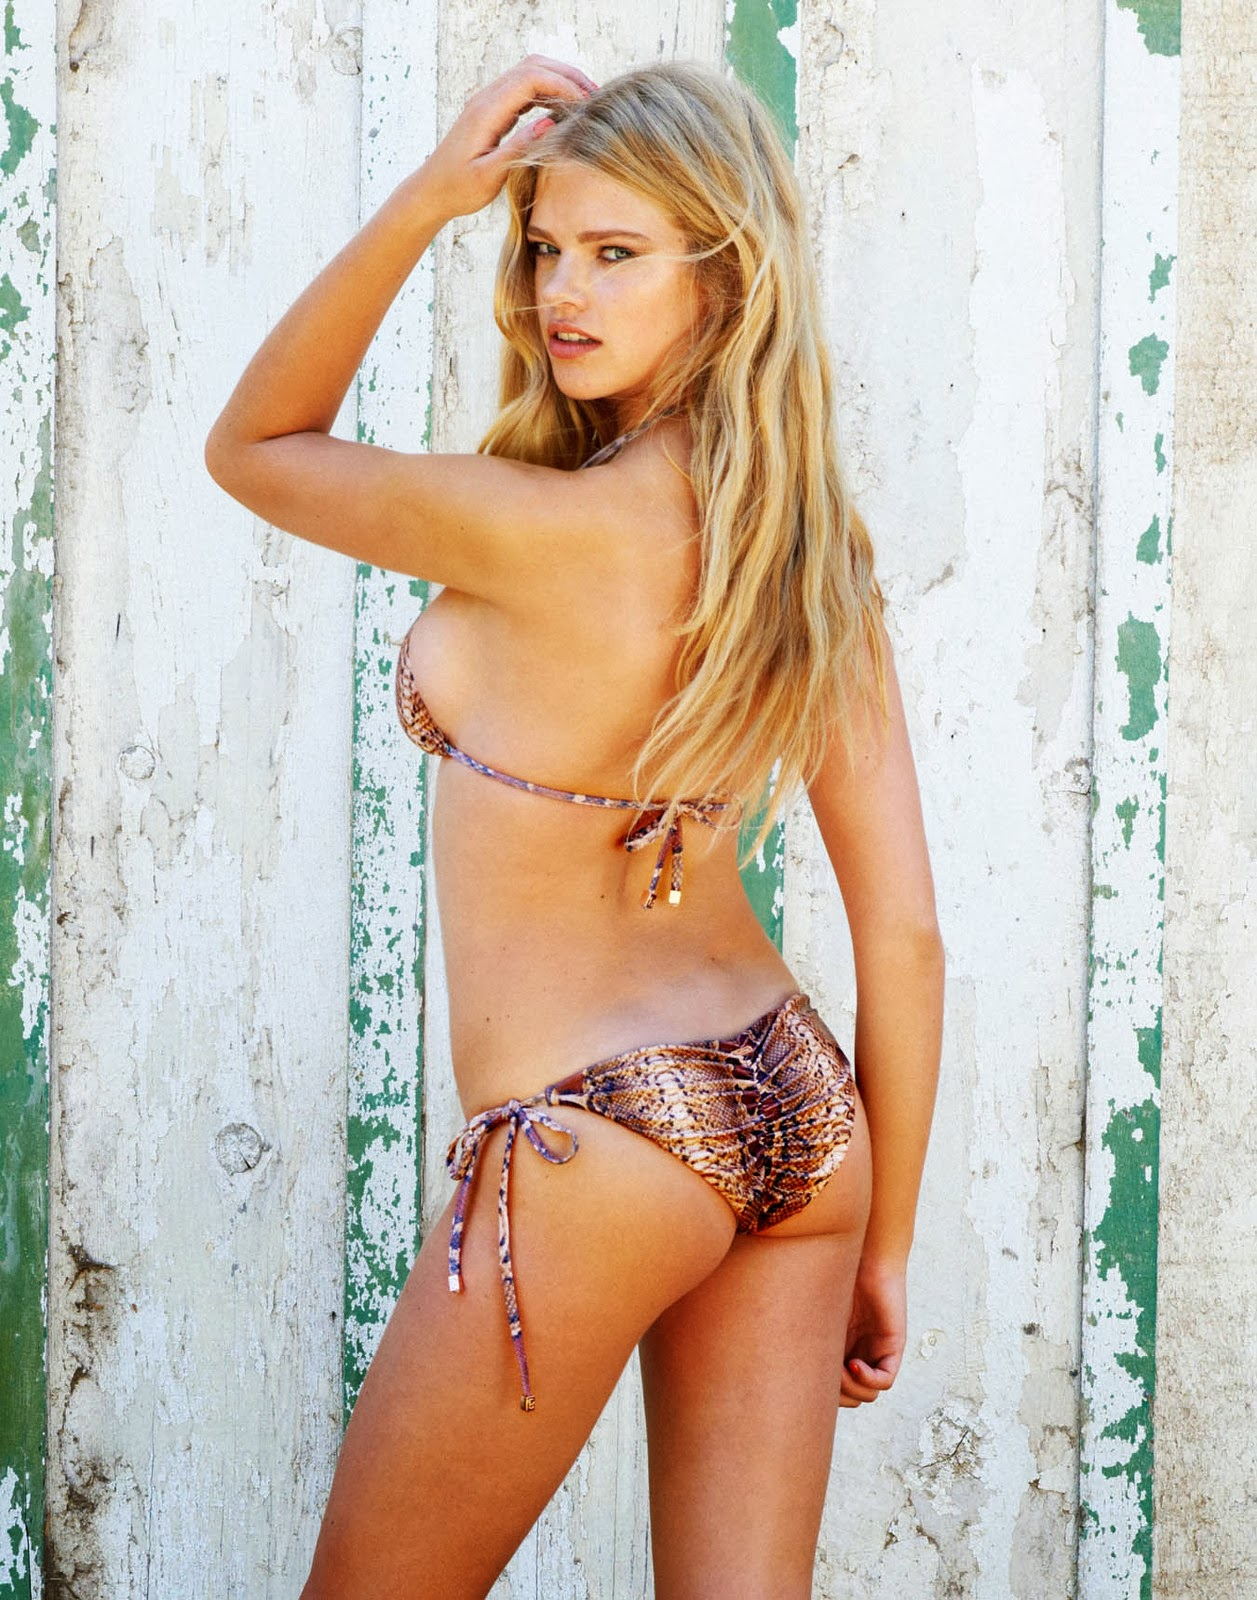 Dioni Tabbers Valerie van der Graaf nudes (29 gallery), leaked Paparazzi, Snapchat, see through 2017